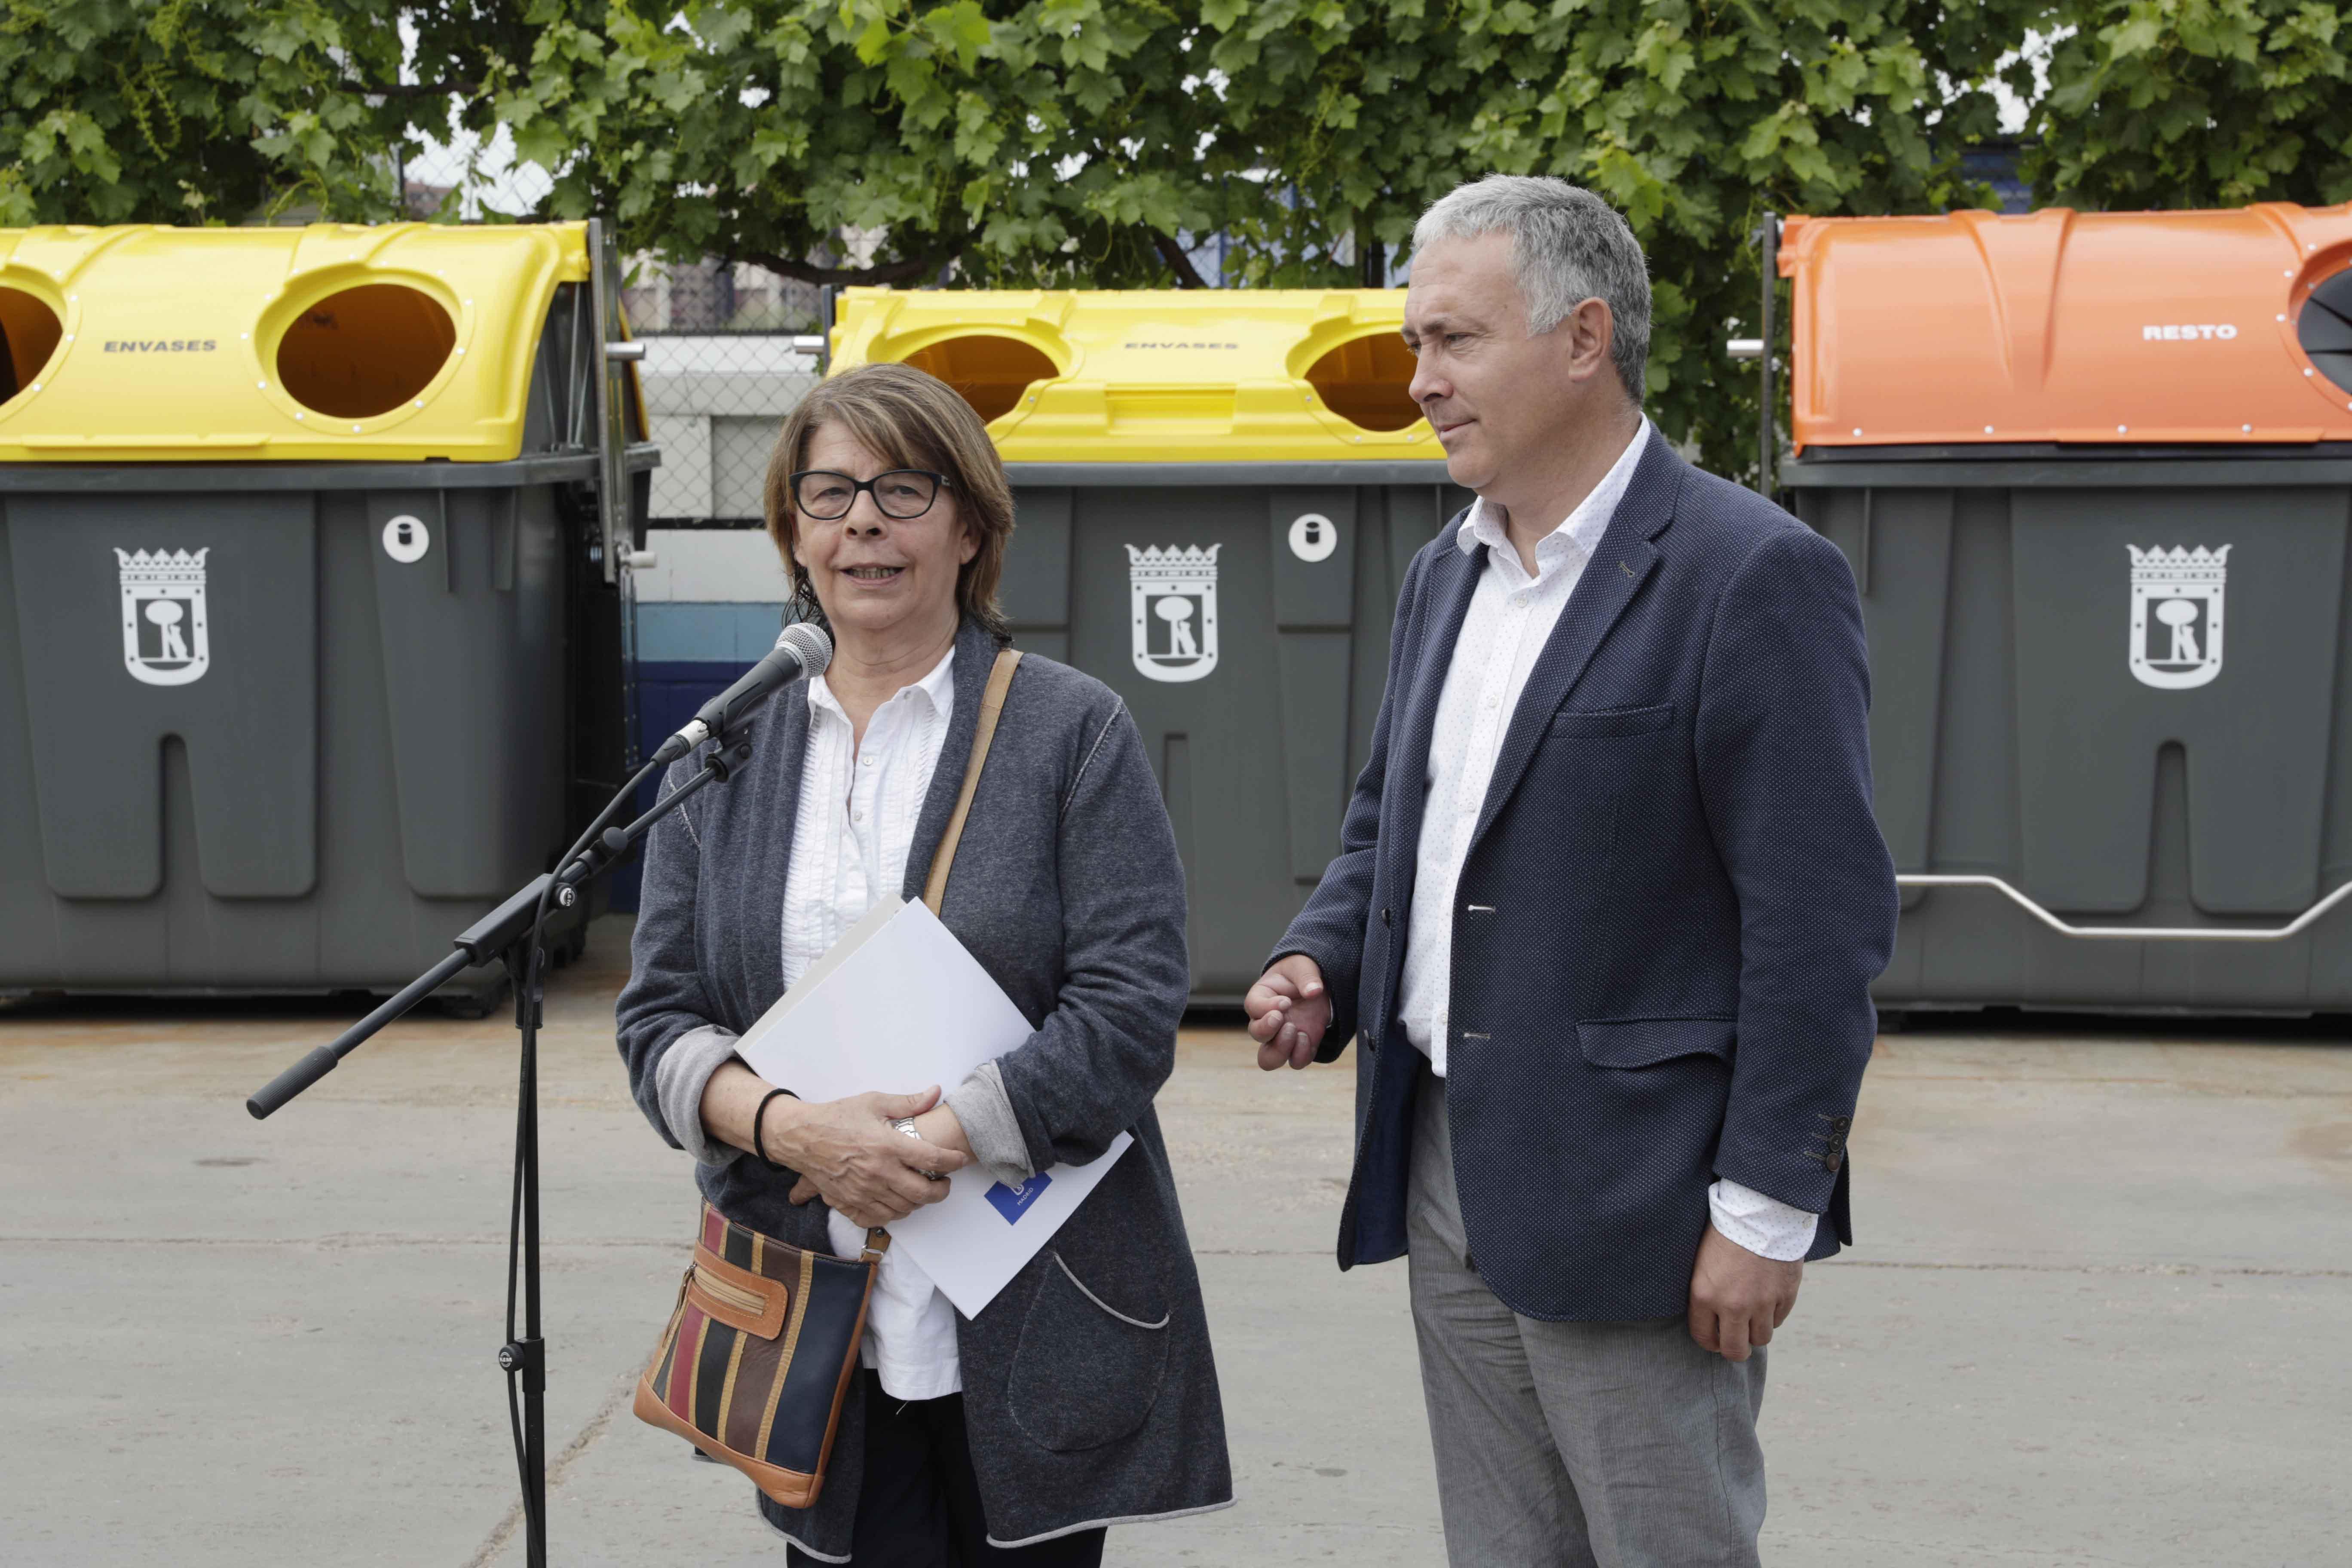 La delegada de Medio Ambiente y Movilidad, Inés Sabanés (Foto: Madrid.es)